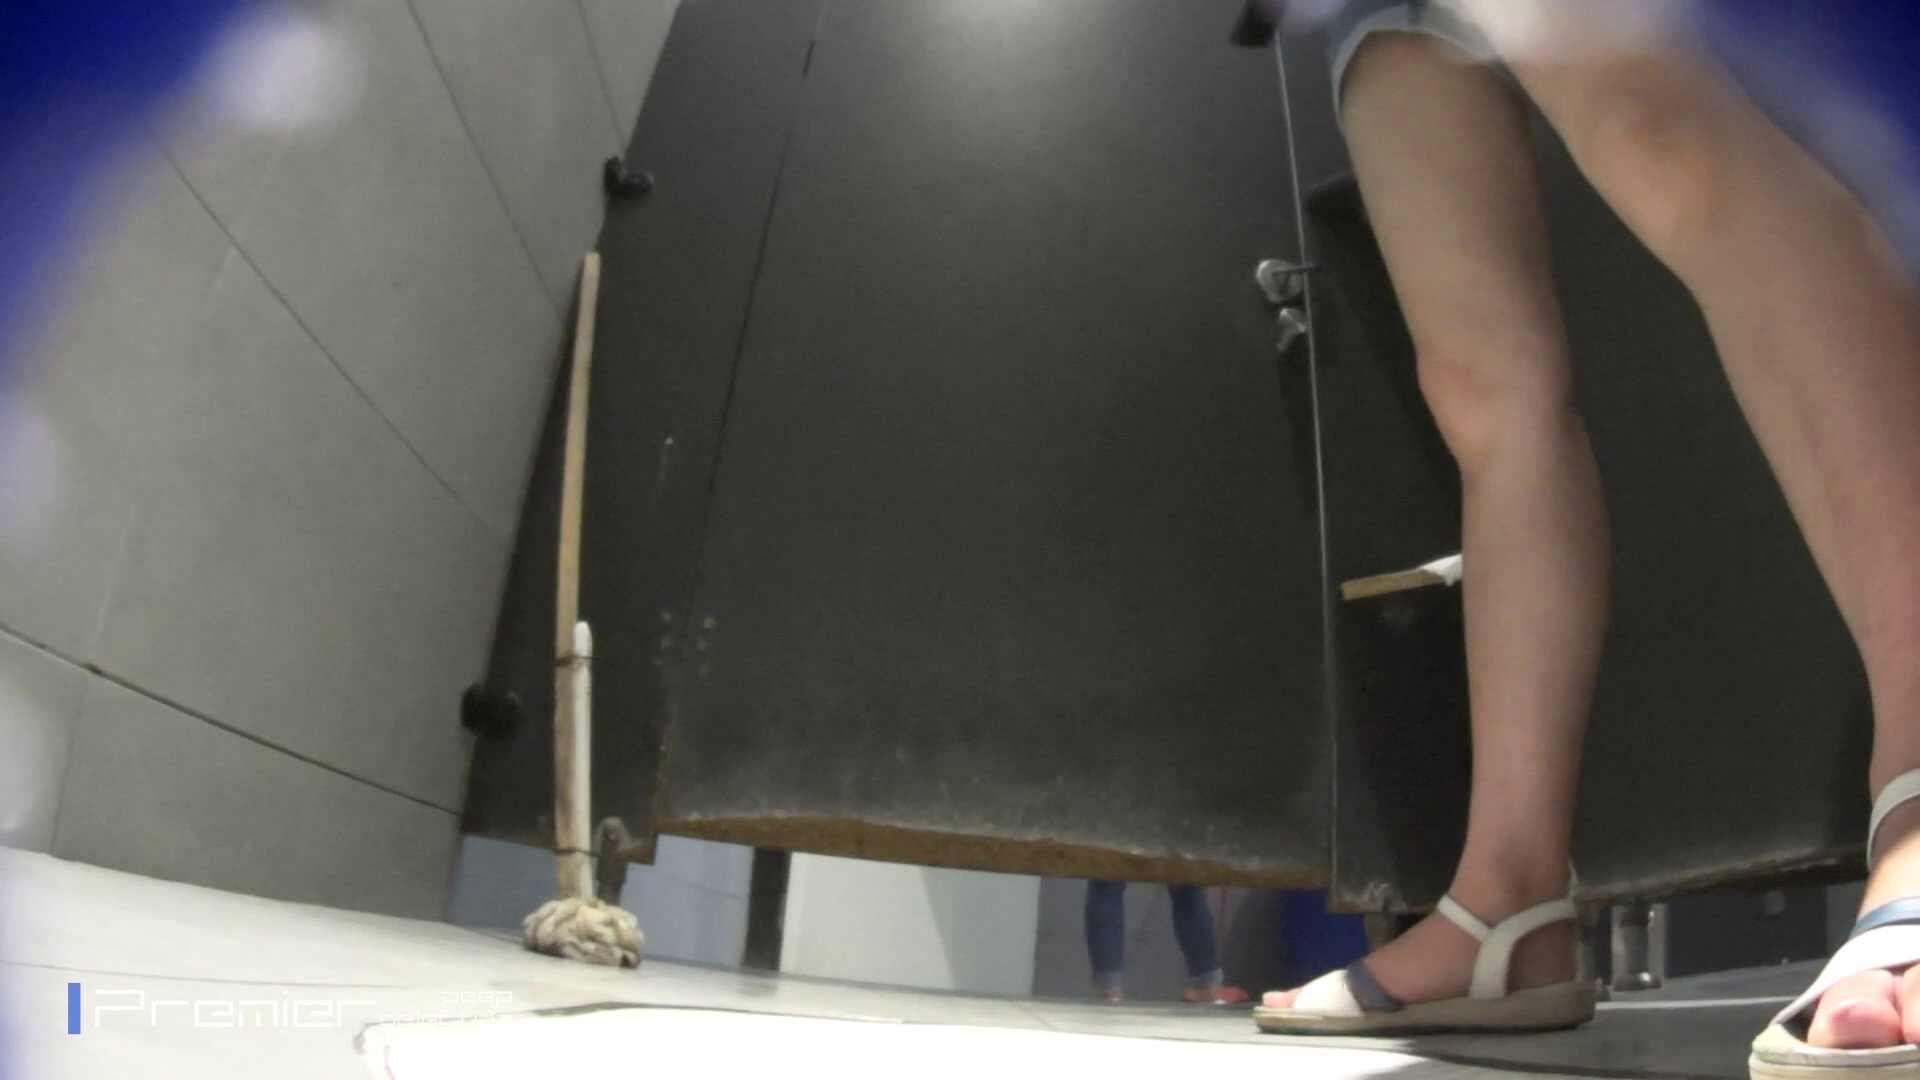 個室のドアを開けたまま放nyoする乙女 大学休憩時間の洗面所事情85 むっちり スケベ動画紹介 89画像 21